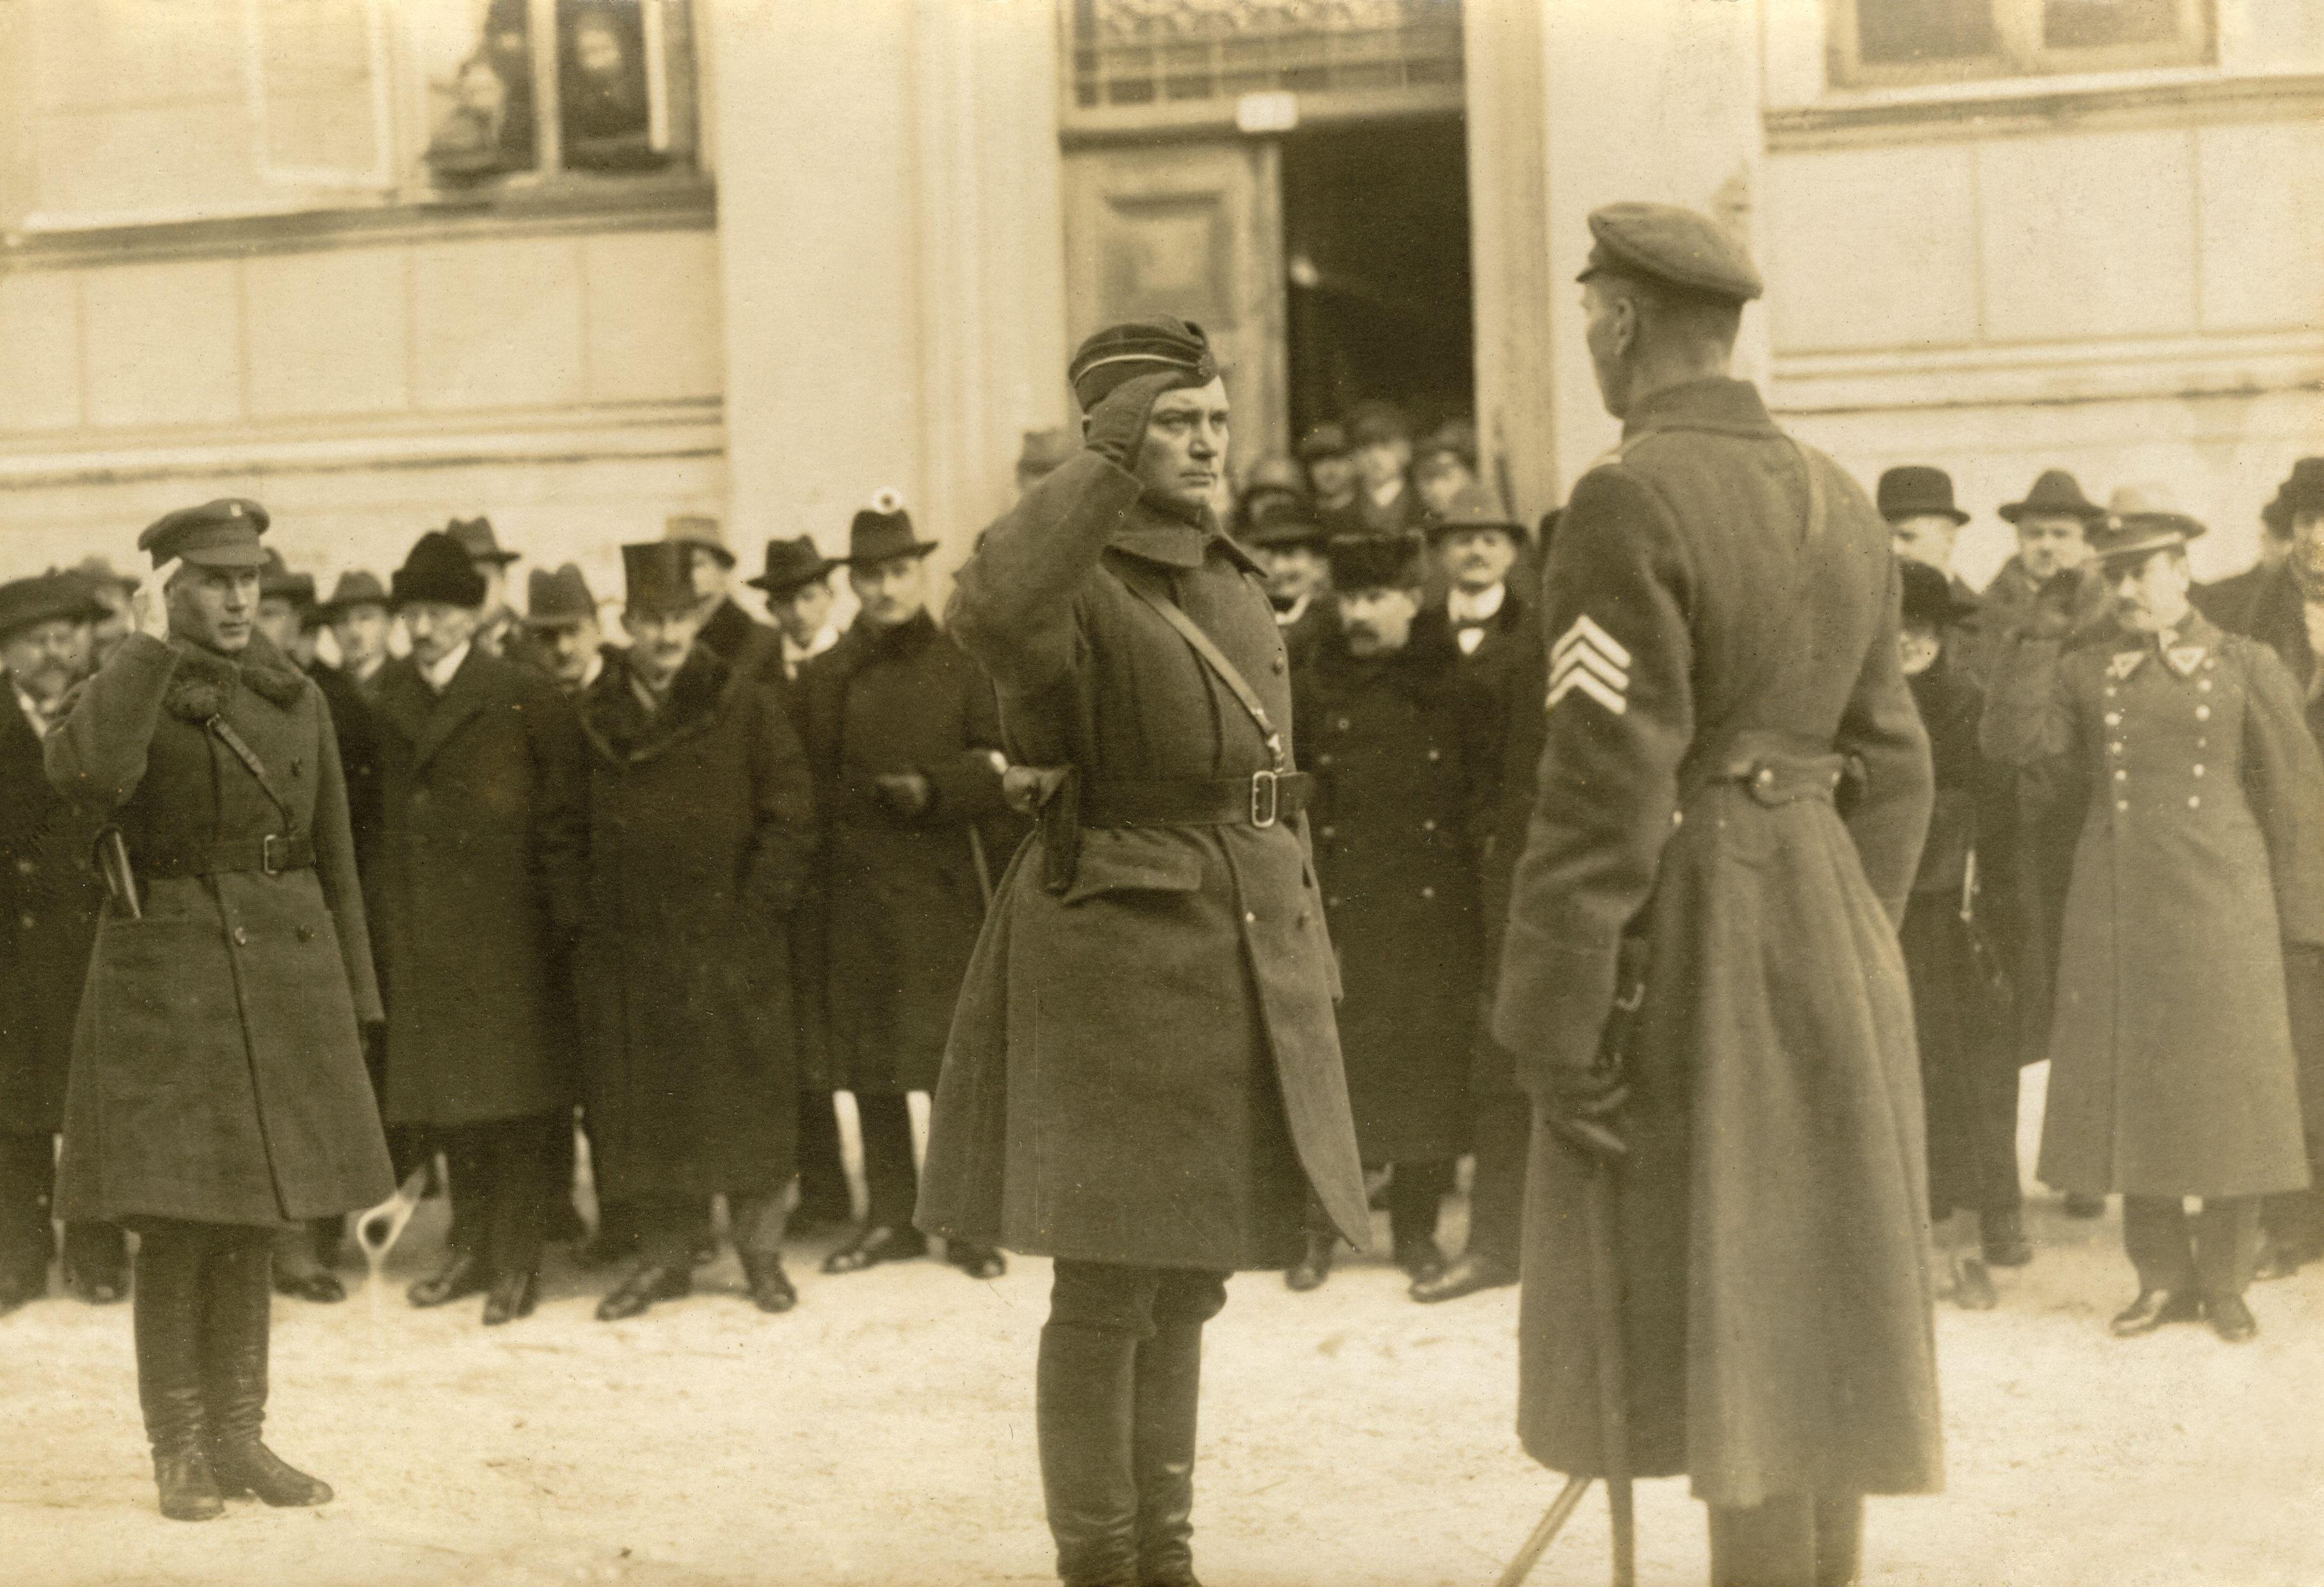 Klaipėdos krašto savanorių armijos paradą priima vadas J. Budrys. 1923 m. vasario 20 d.   MLIM nuotr.